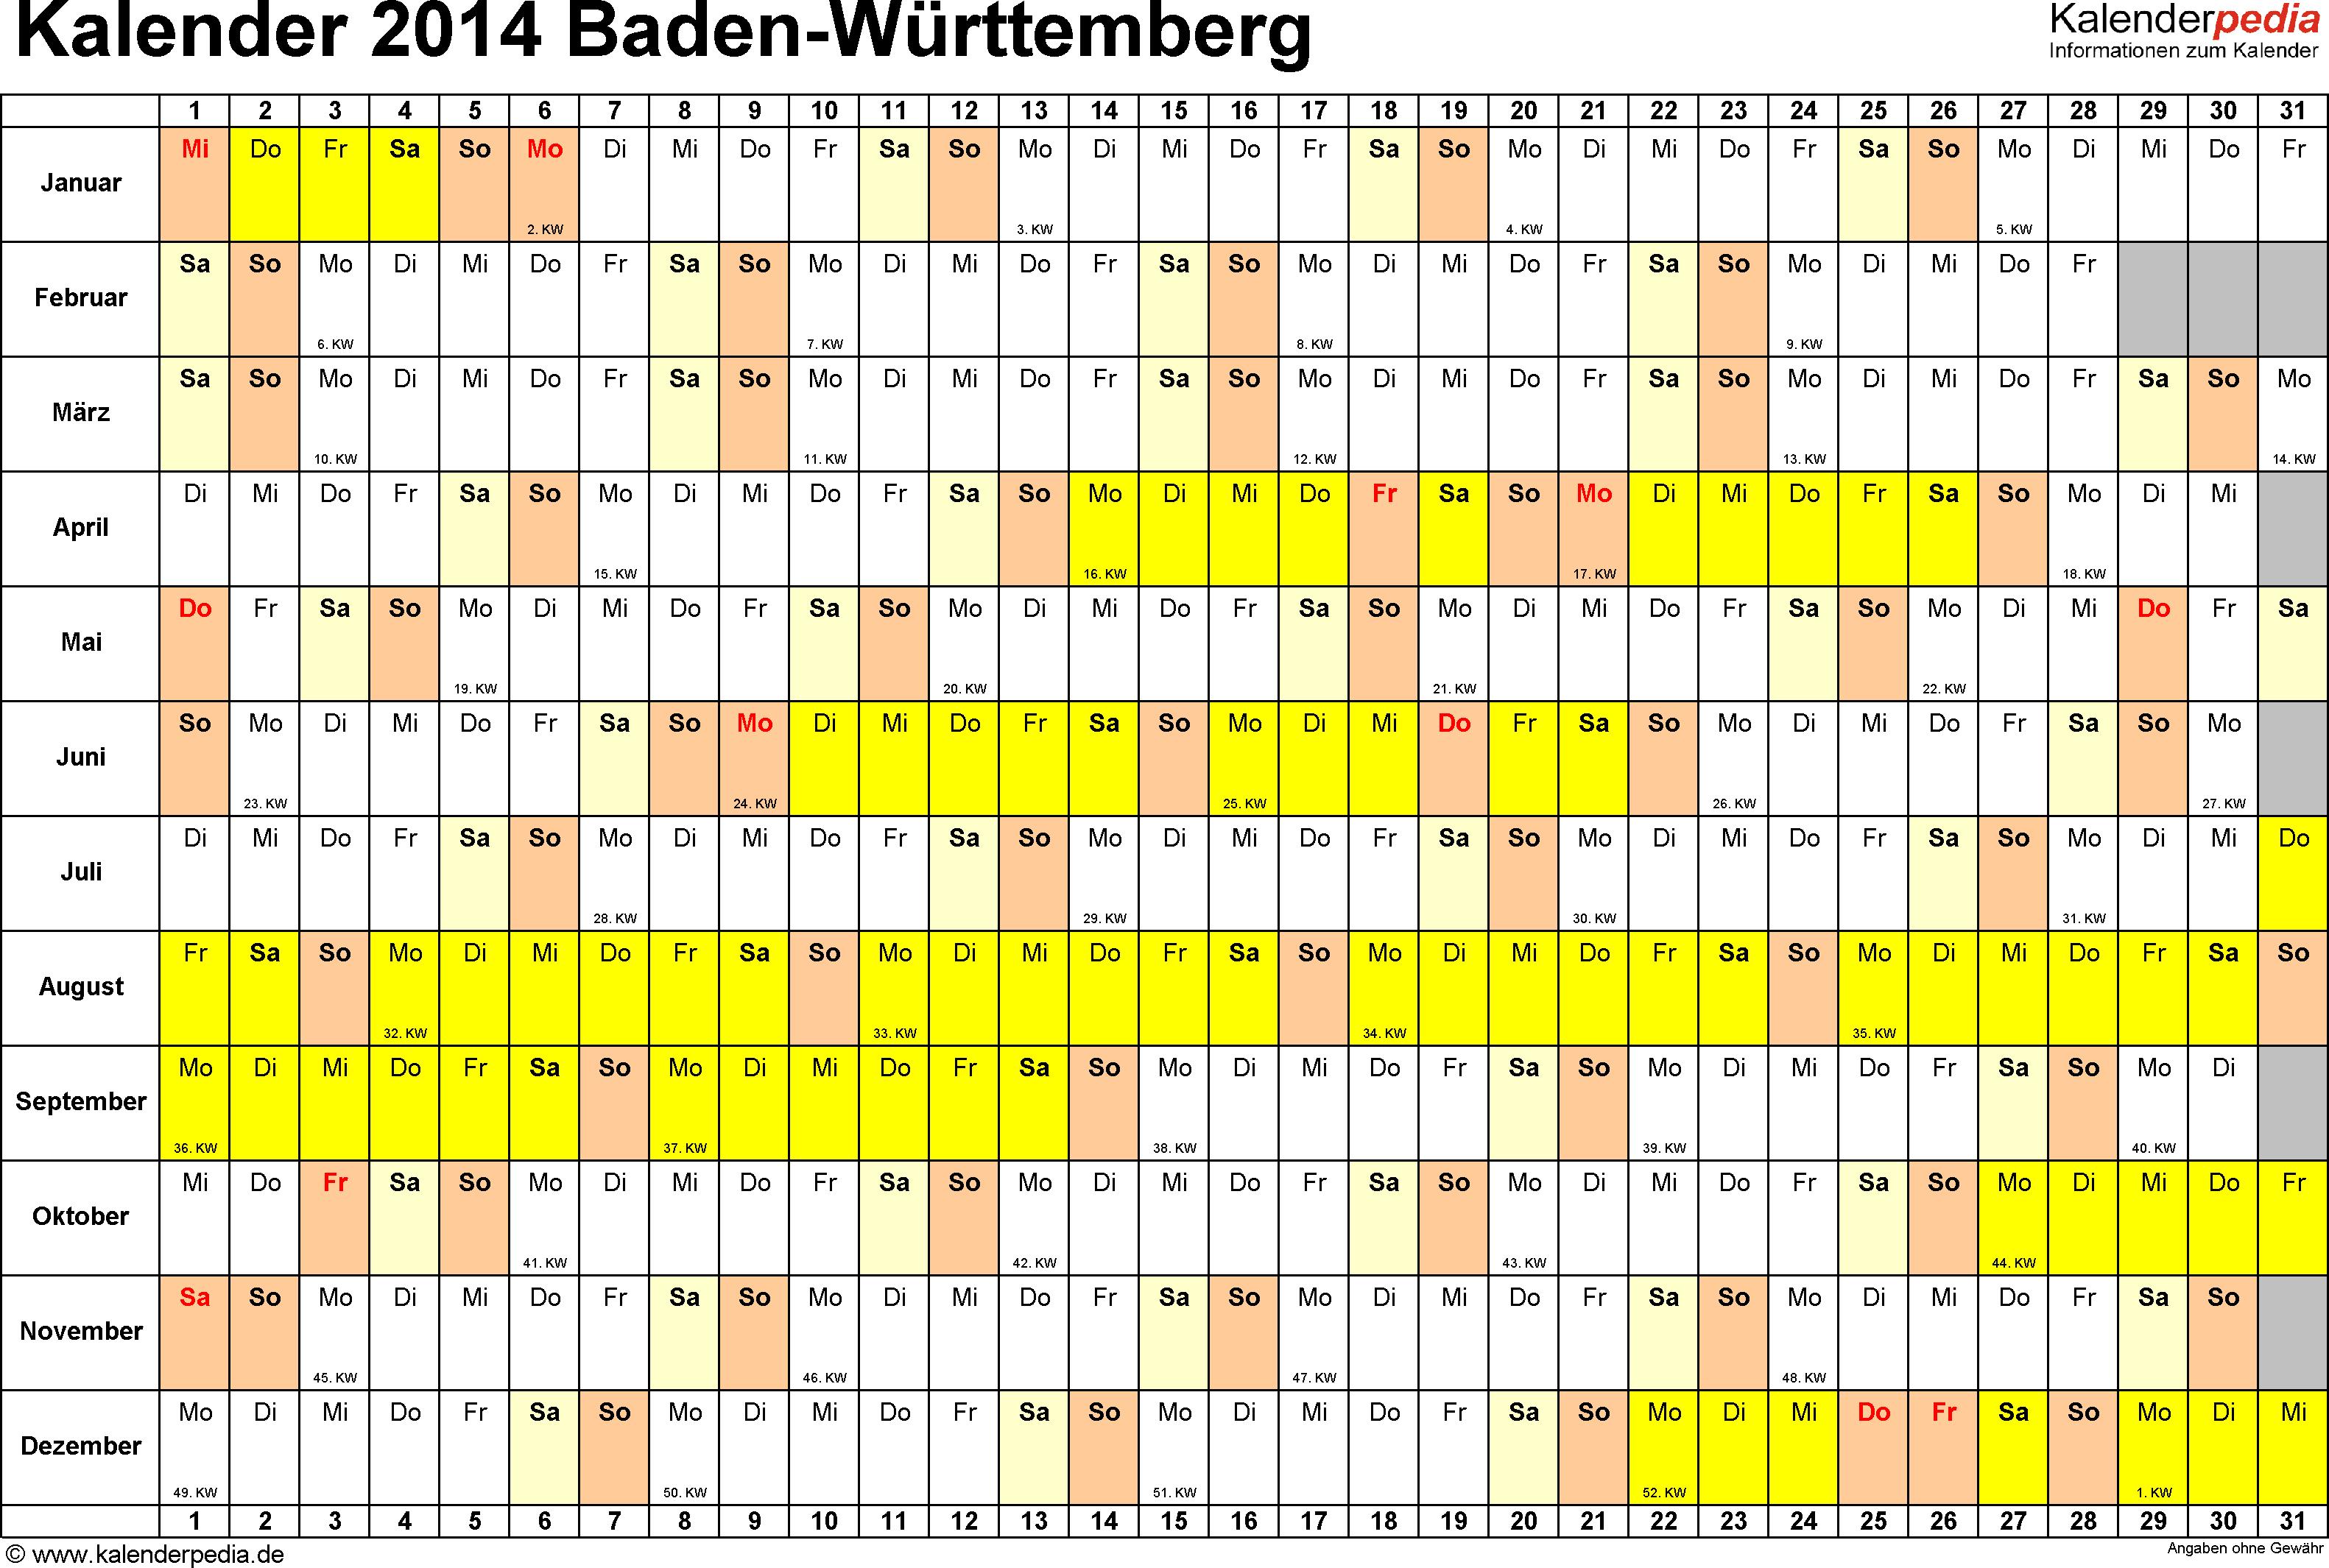 Vorlage 3: Kalender Baden-Württemberg 2014 im Querformat, Tage nebeneinander